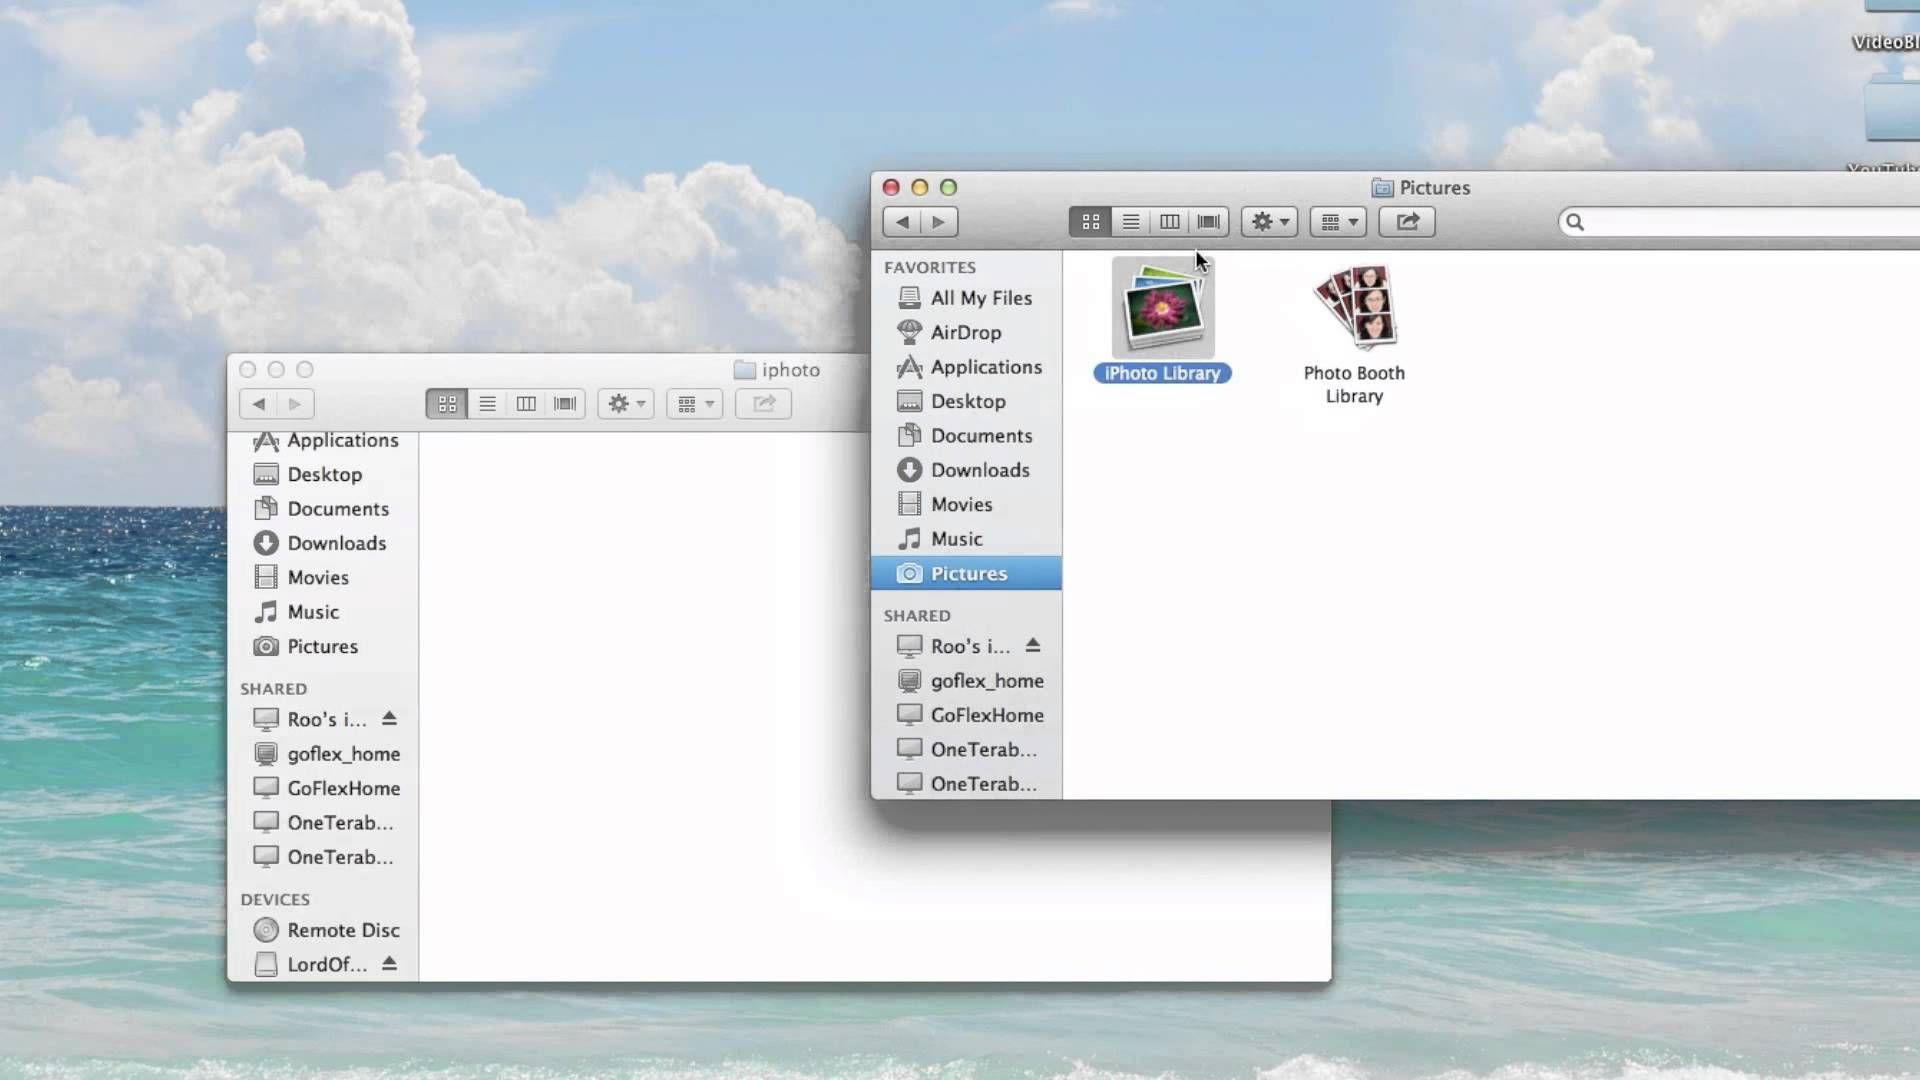 ff80e7c8236168c020a57e5921a541d3 - How To Get The Hard Drive Icon On Mac